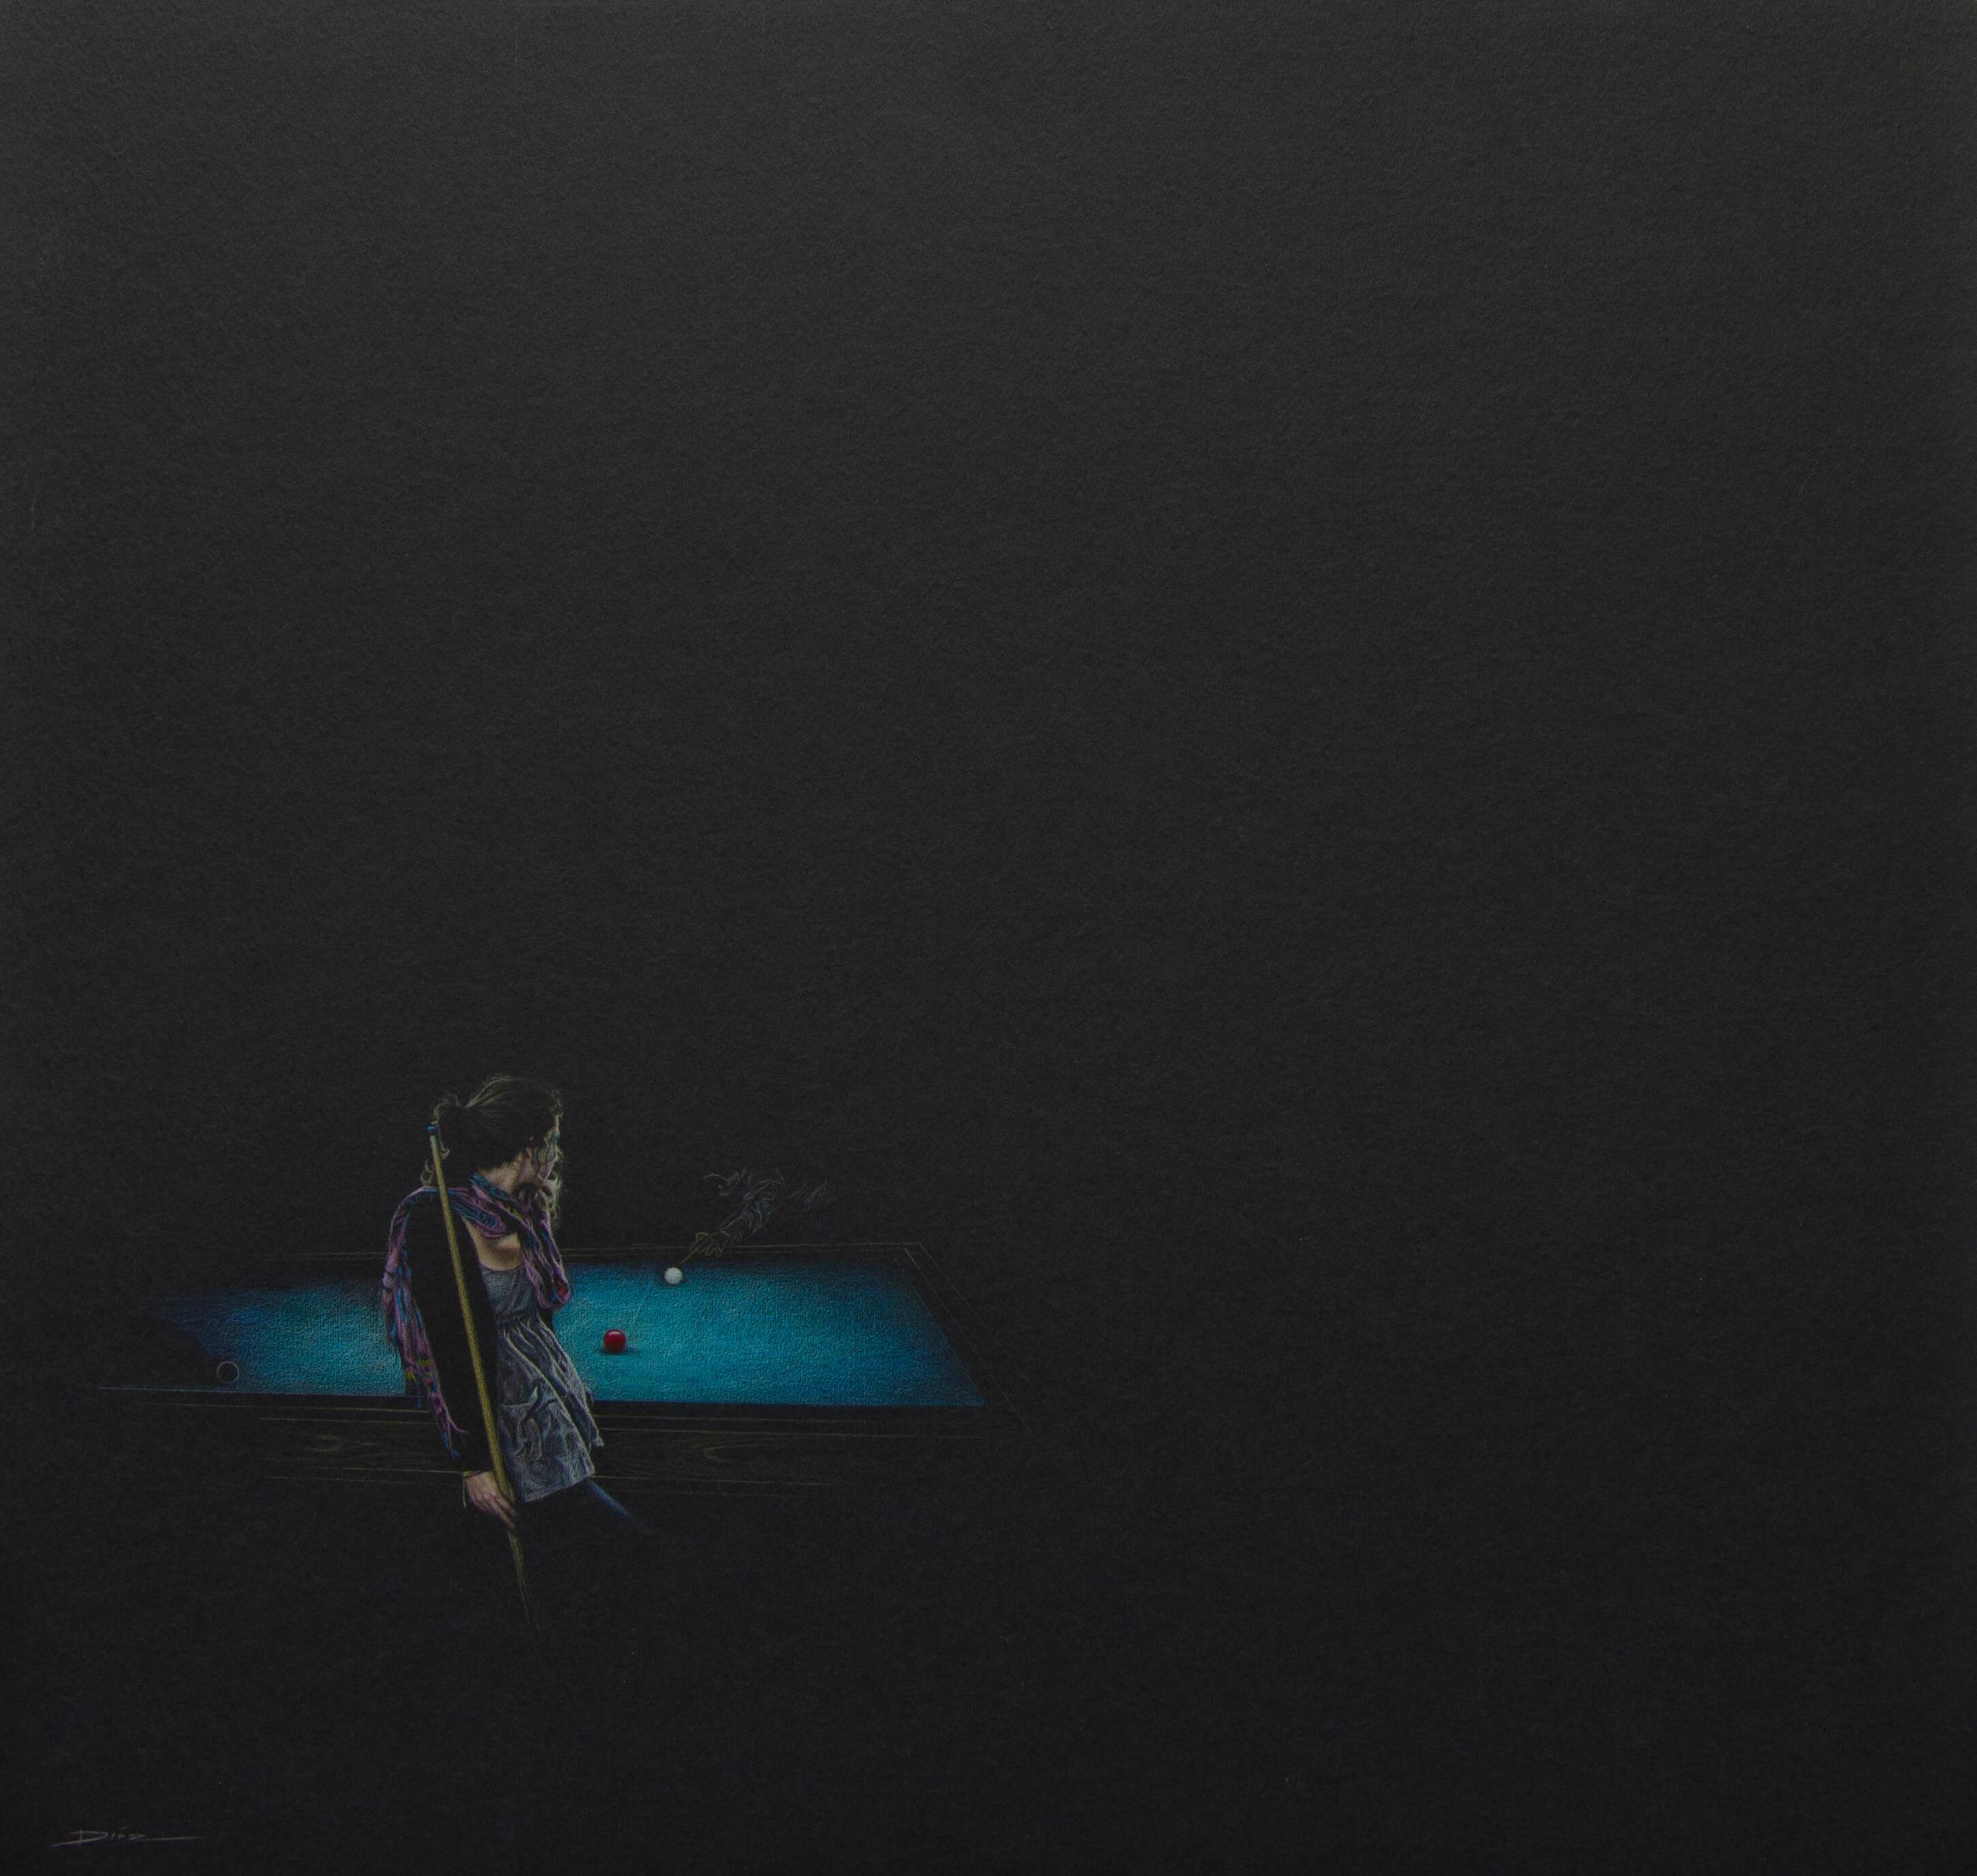 Diego Diaz artista en colombia medellin dibujo, Serie Billar, 2014. Color sobre papel